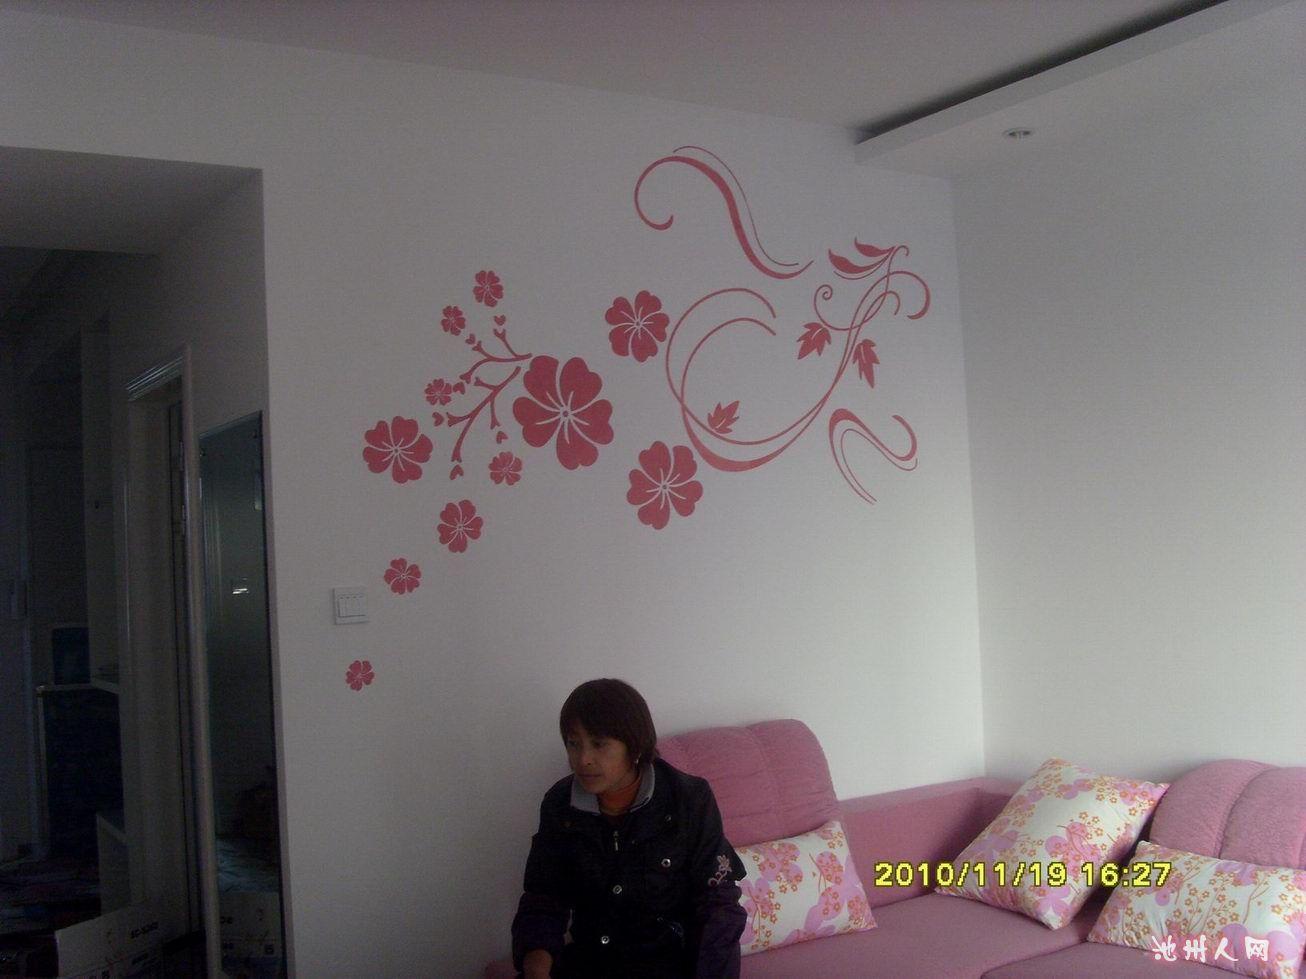 油漆新技术艺术墙面装饰